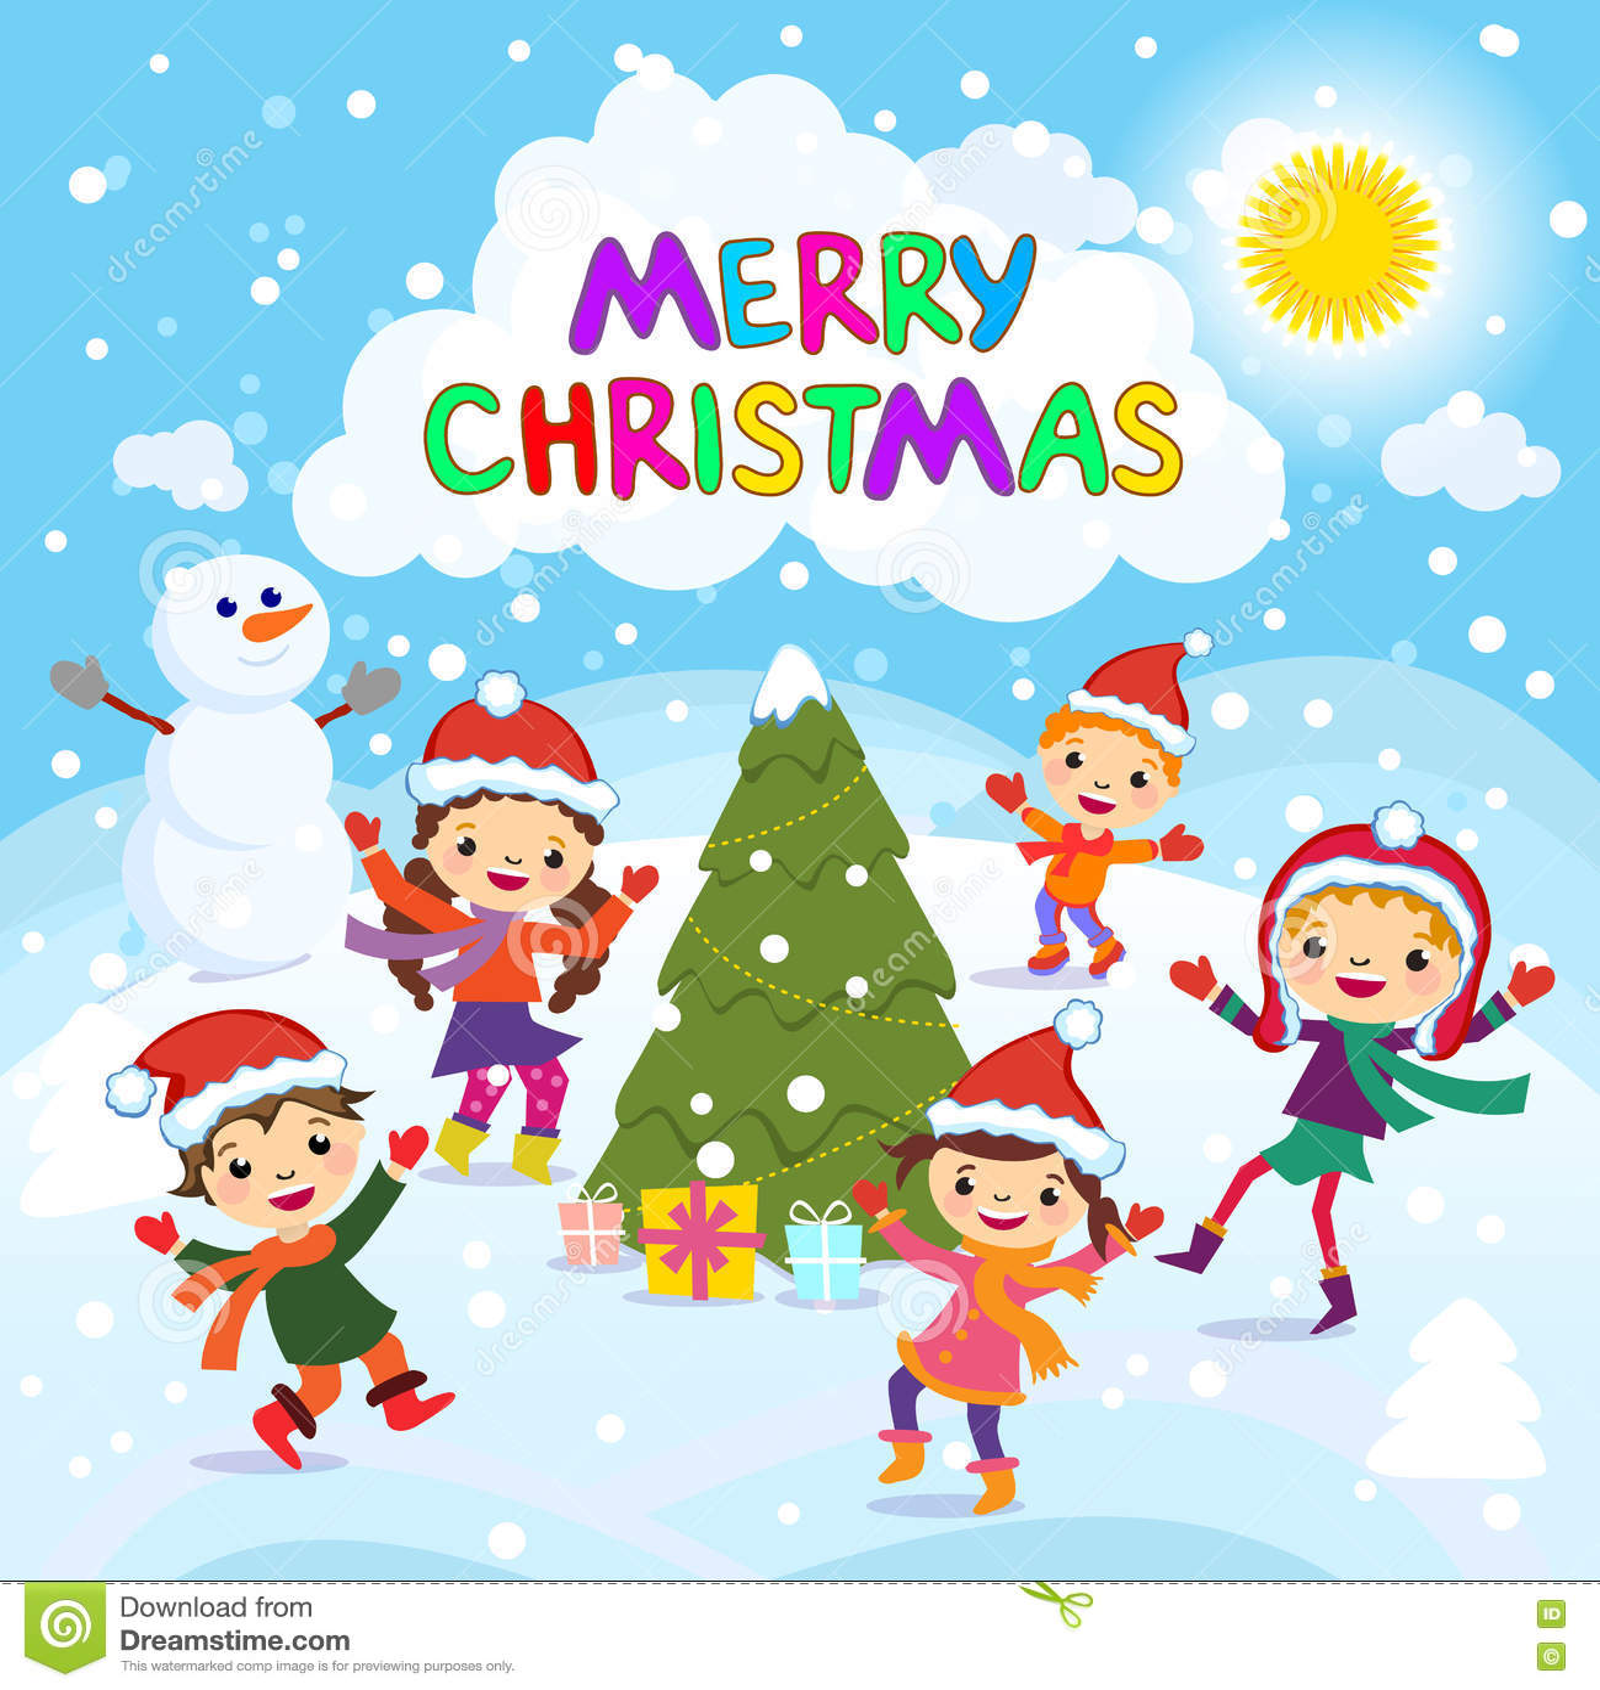 A Very Merry Borik�n Christmas: Feliz Navidad 2017 Diversión Del Invierno Niños Alegres